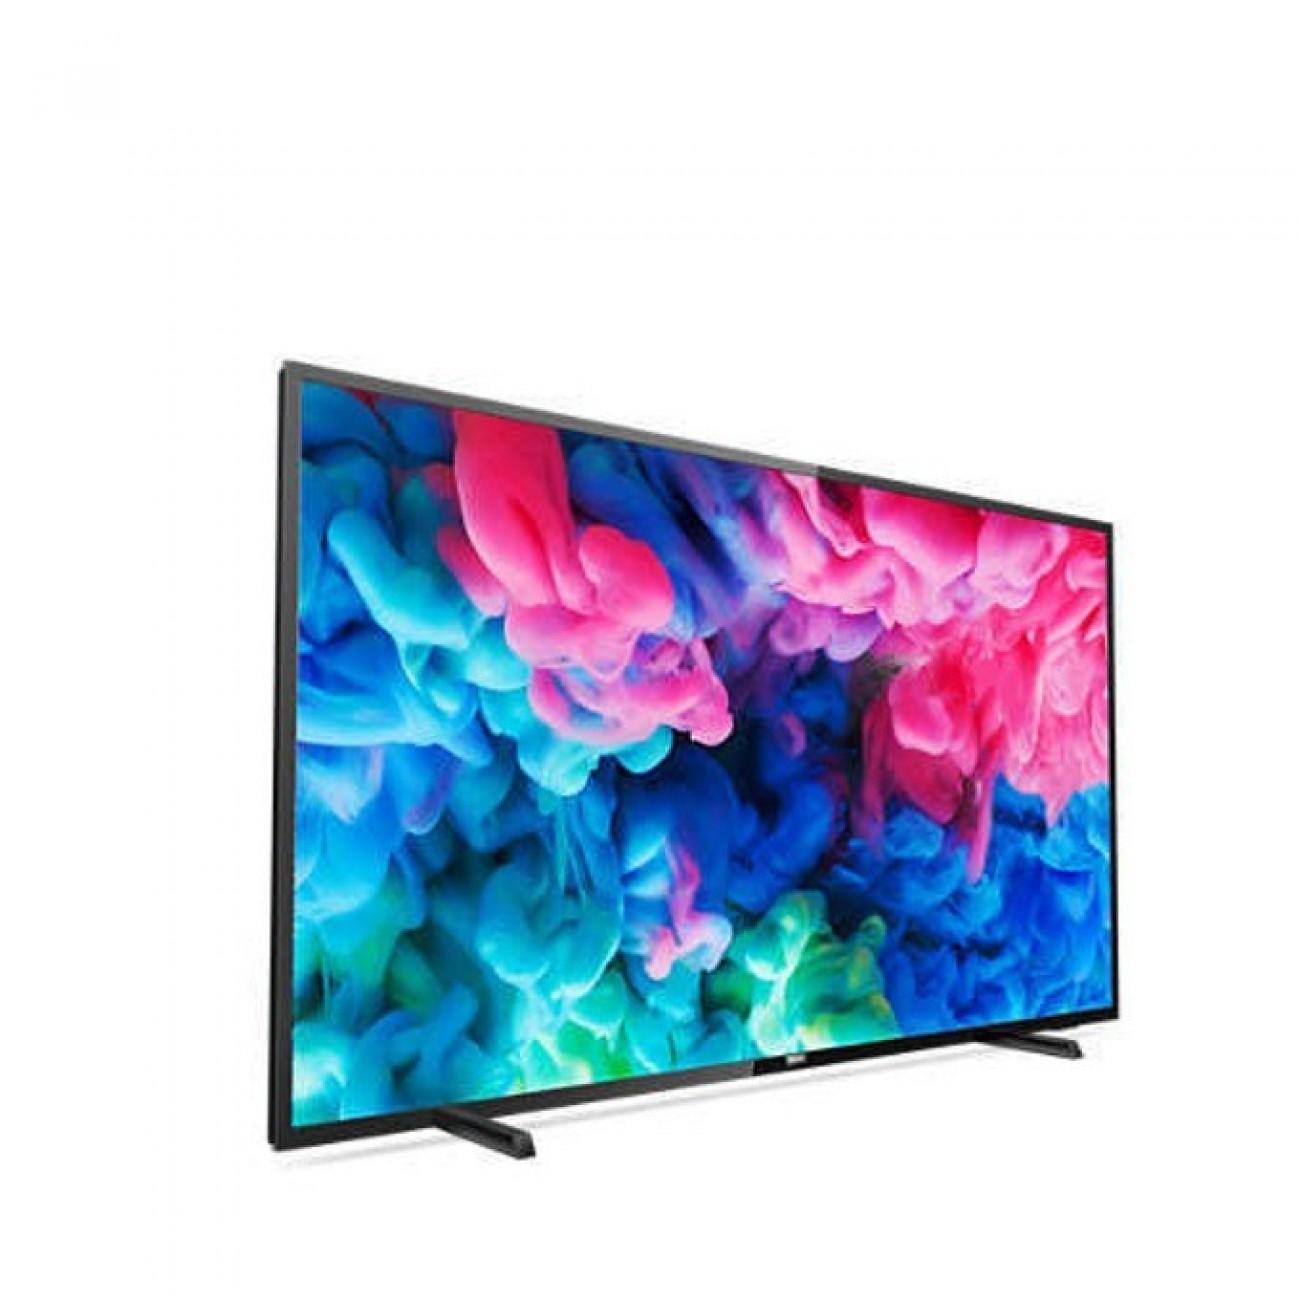 Телевизор Philips 43PUS6503/12, 43 (109.22 cm) 4K Ultra HD LED TV, DVB-T/T2/T2-HD/C/S/S2, SmartTV, Wi-Fi, 3x HDMI, 2x USB в Телевизори -  | Alleop